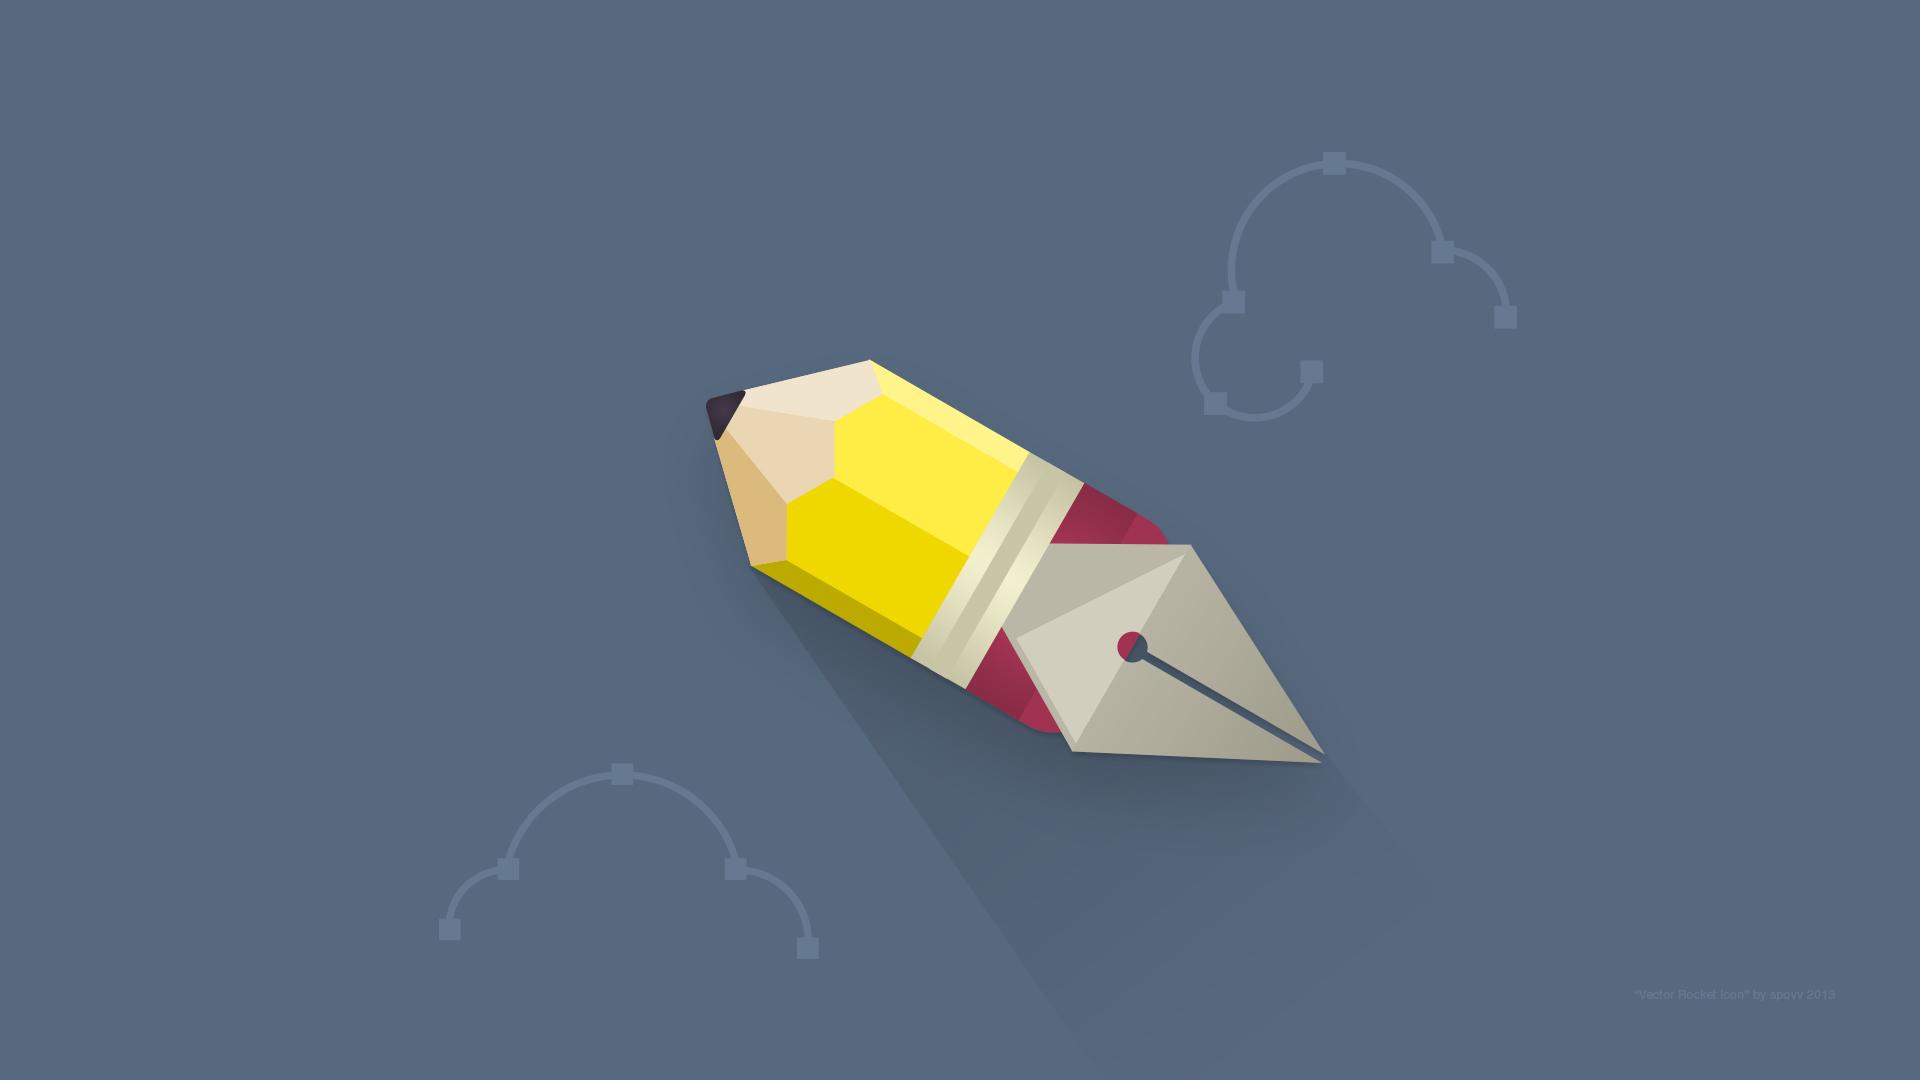 Vector rocket icon 1920x1080px